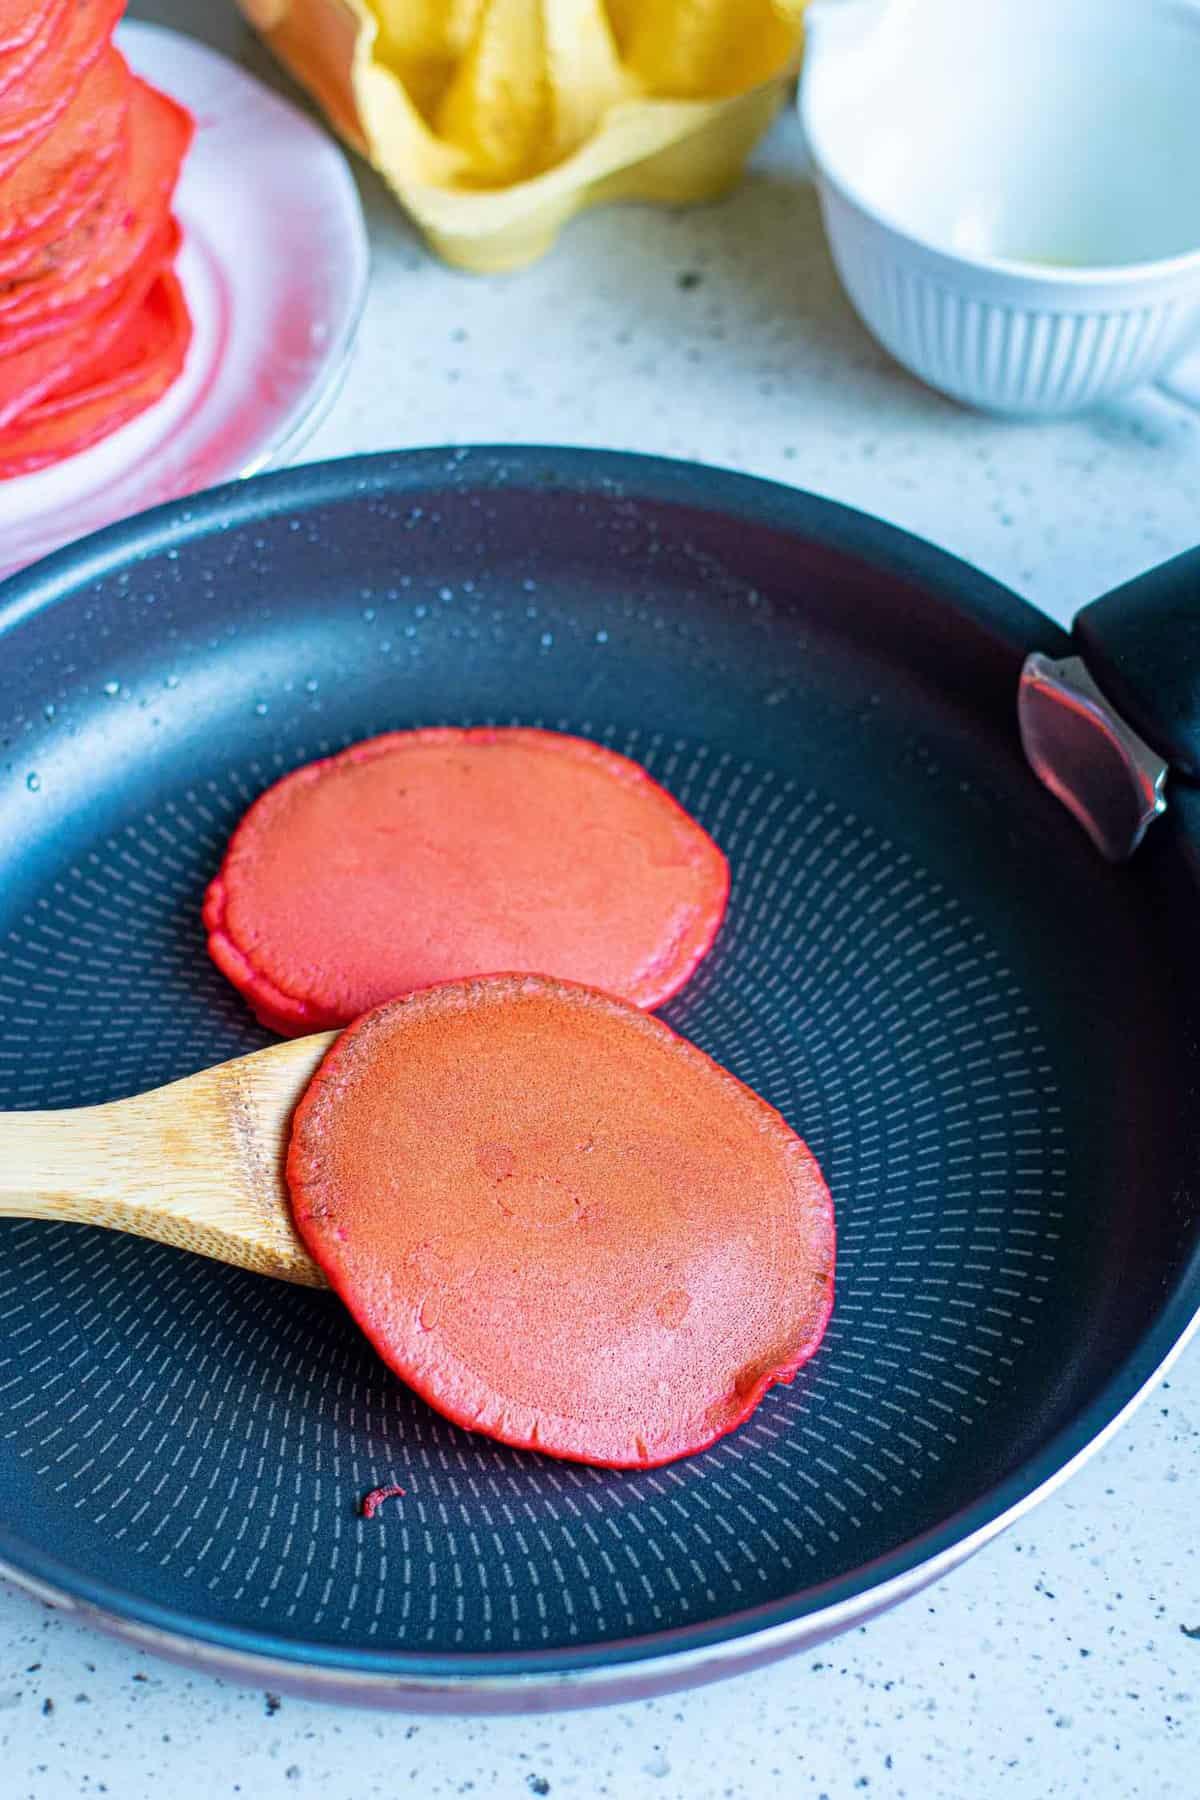 Red pancake being flipped.